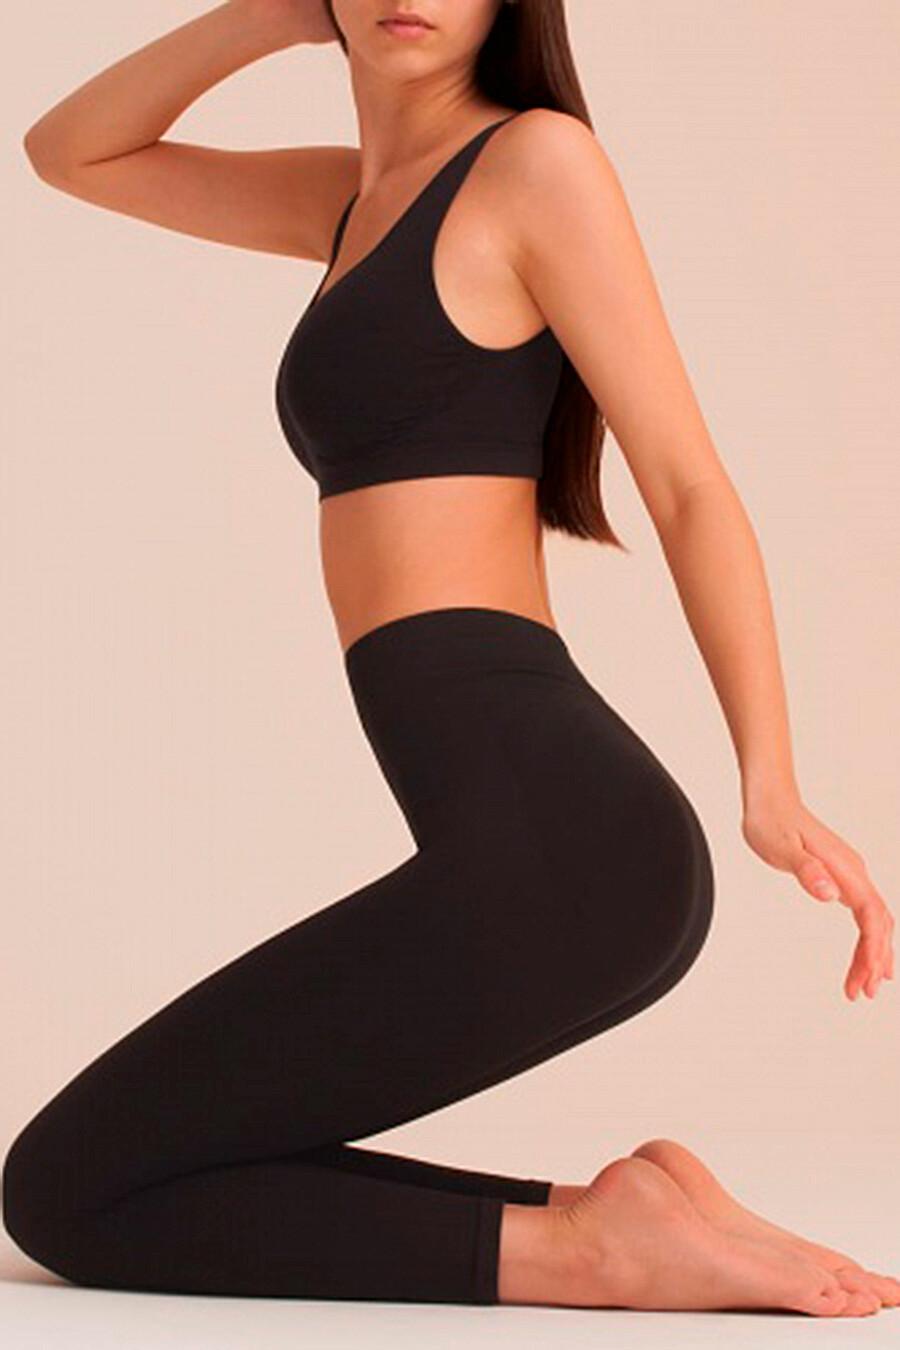 MIREY леггинсы PA689 LEGGINGS PUSH UP (1/68)  для женщин MY 260989 купить оптом от производителя. Совместная покупка женской одежды в OptMoyo